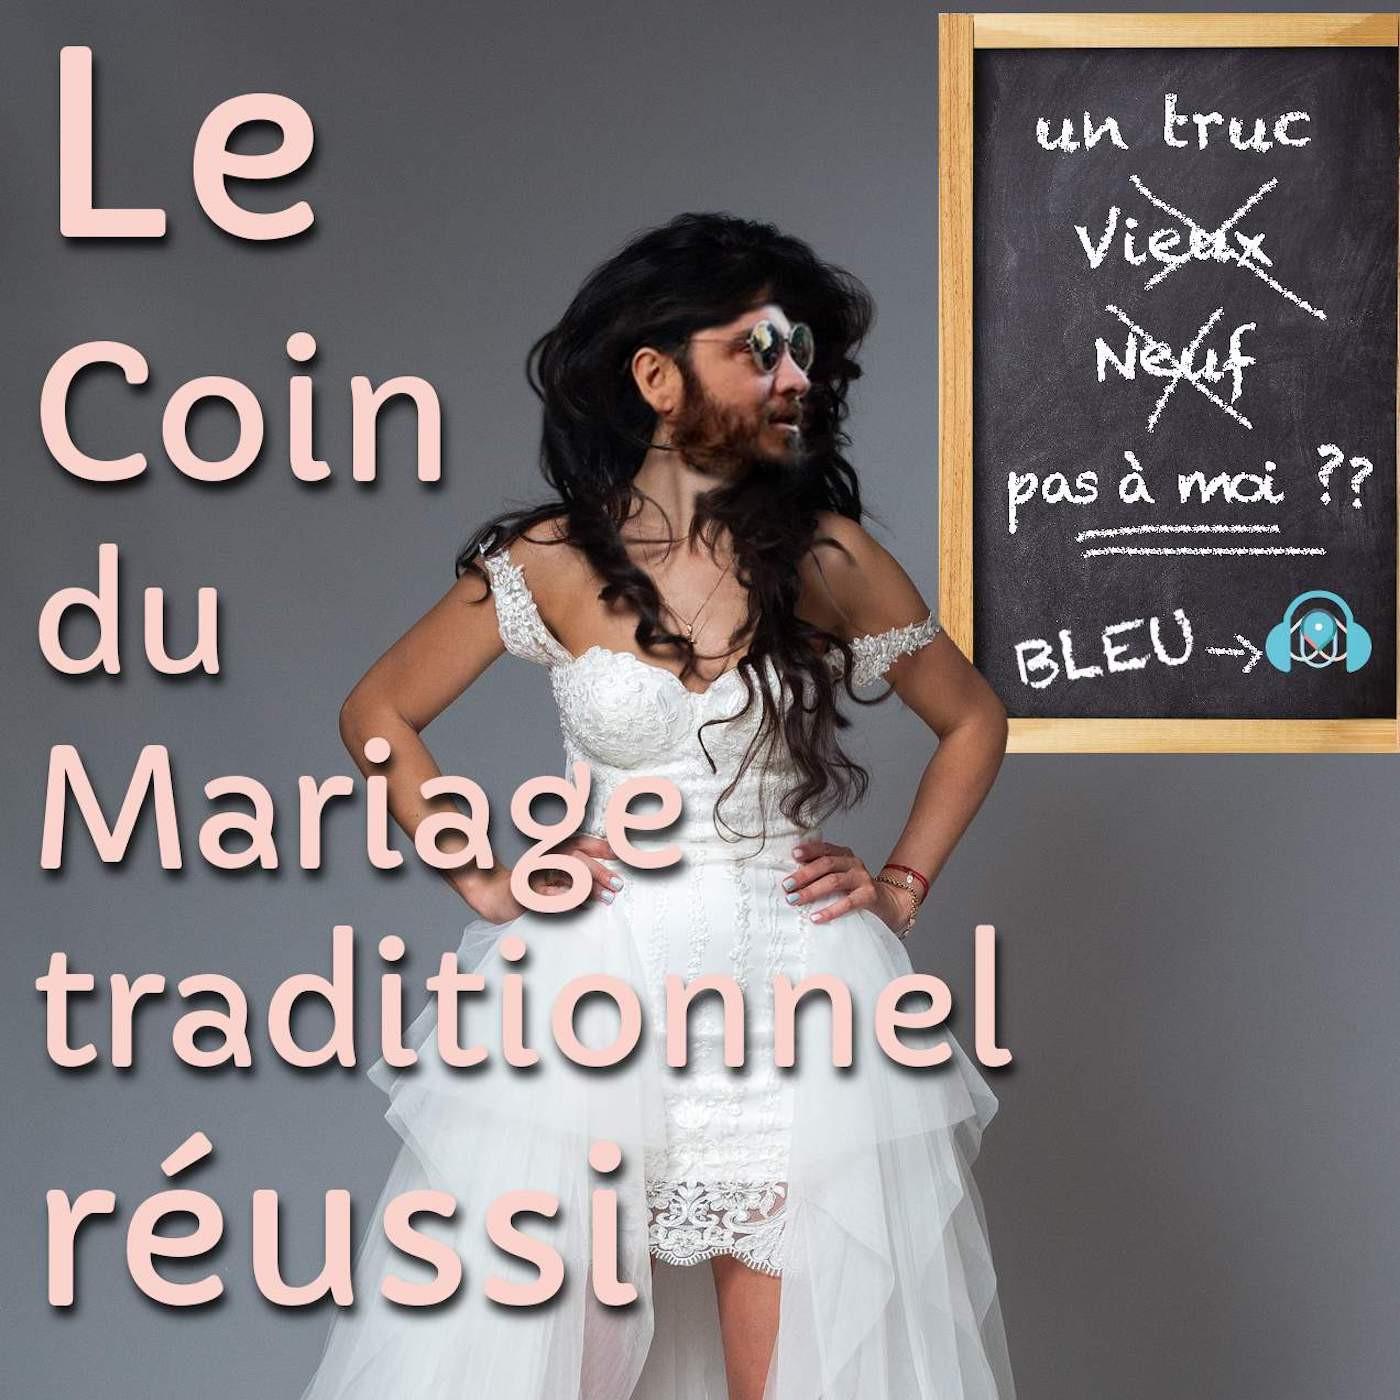 LE COIN DU MARIAGE TRADITIONNEL RÉUSSI S1E8